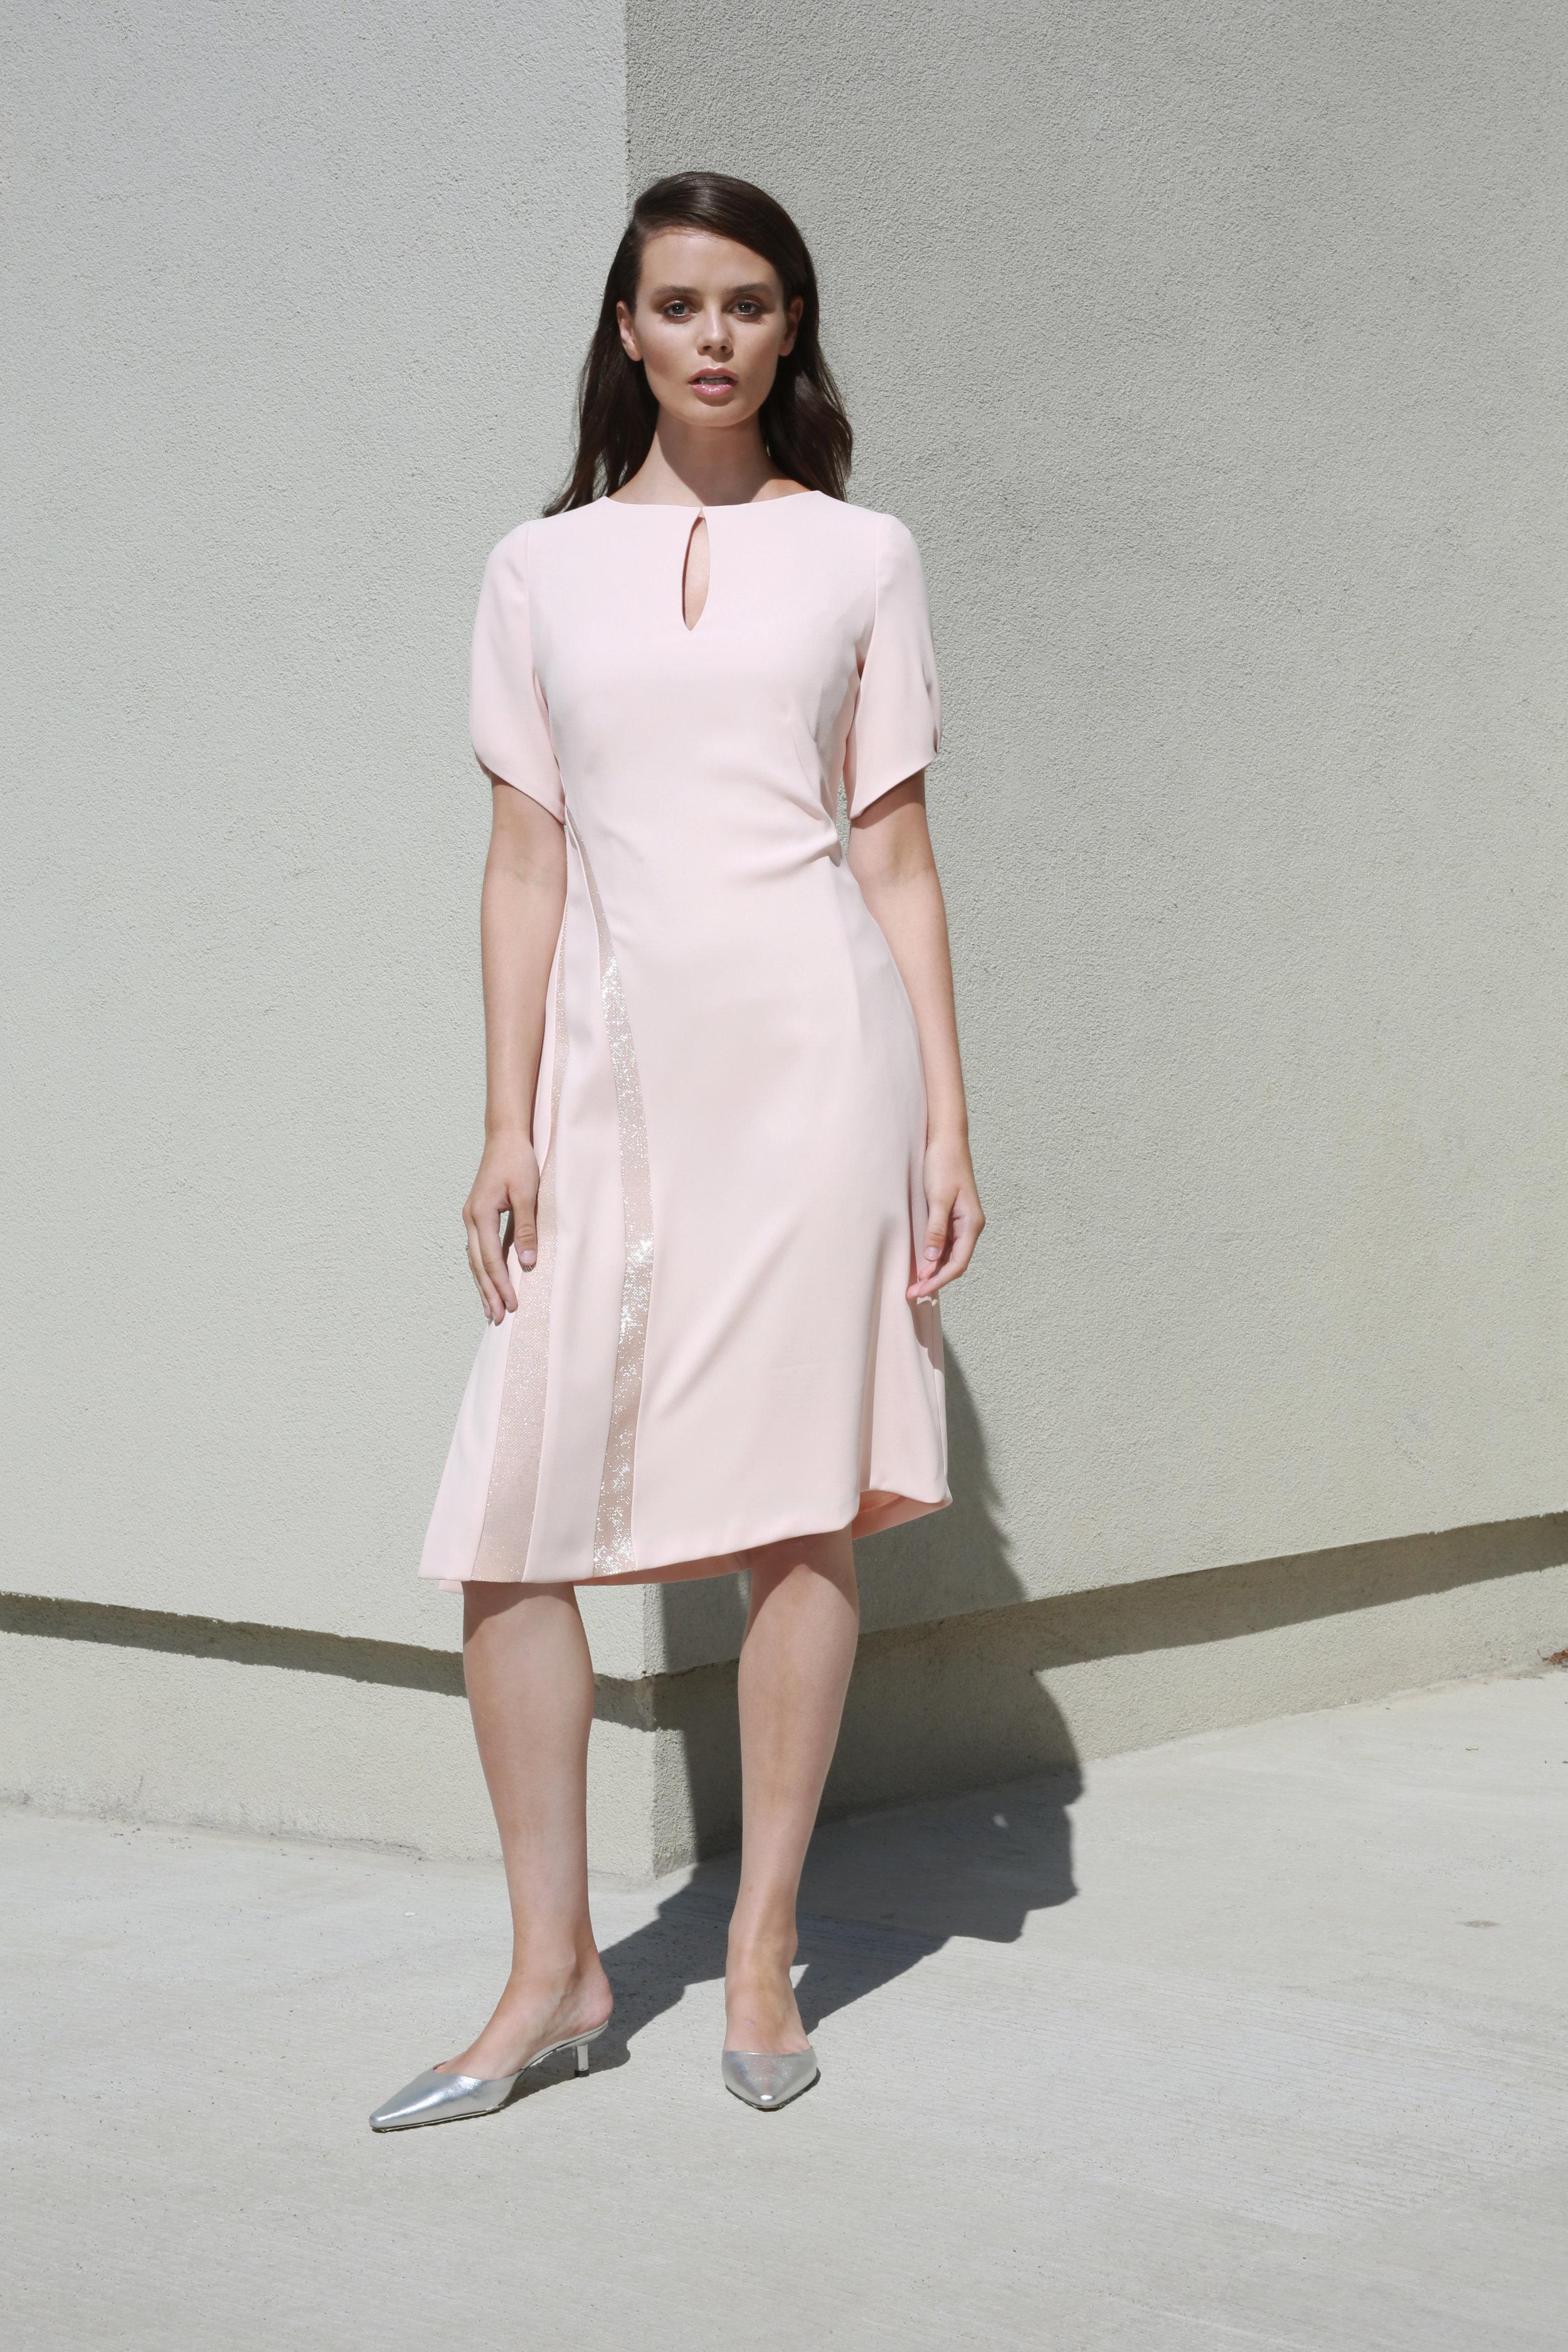 Noelle Dress in Nude €297.00